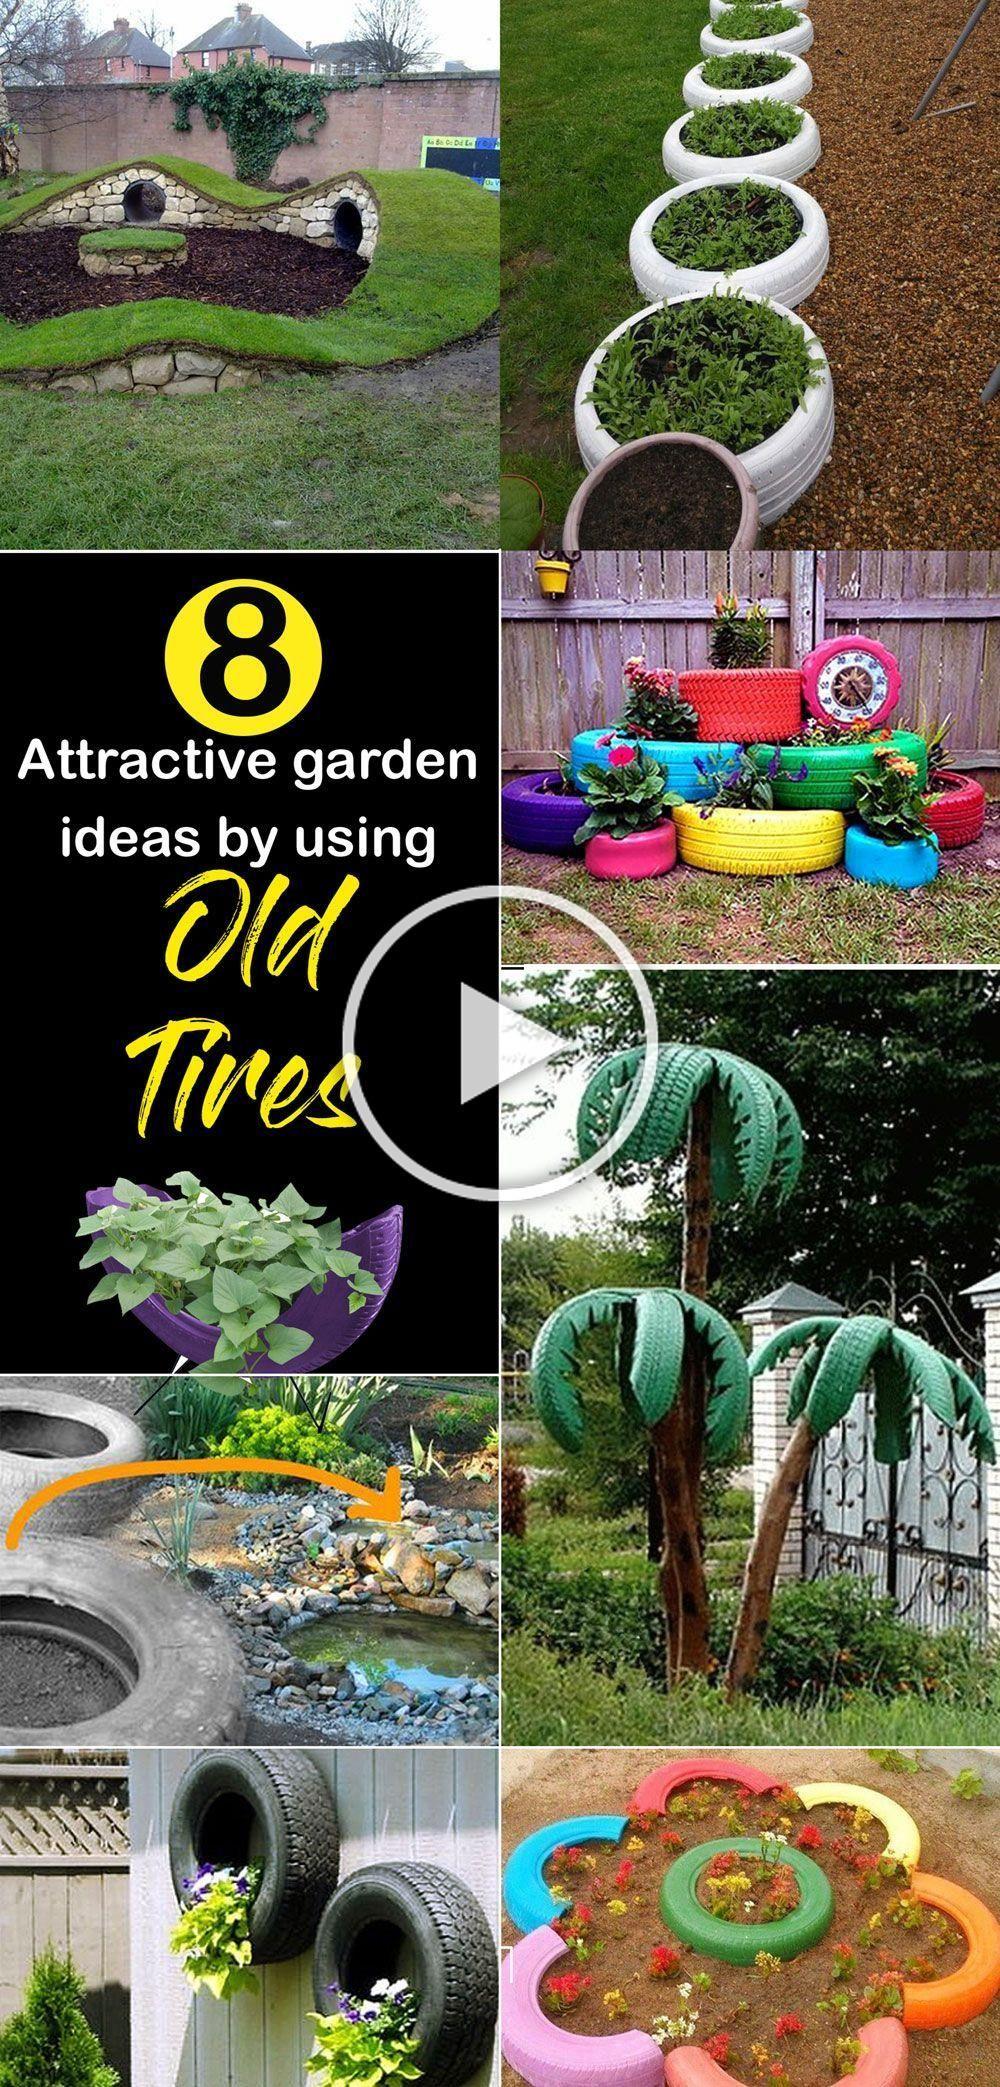 Old Tires Garden How To Make Tire Garden Diy Projects Old Tires Garden How To Make Tire Garden Diy P In 2020 Tire Garden Diy Garden Projects Garden Projects